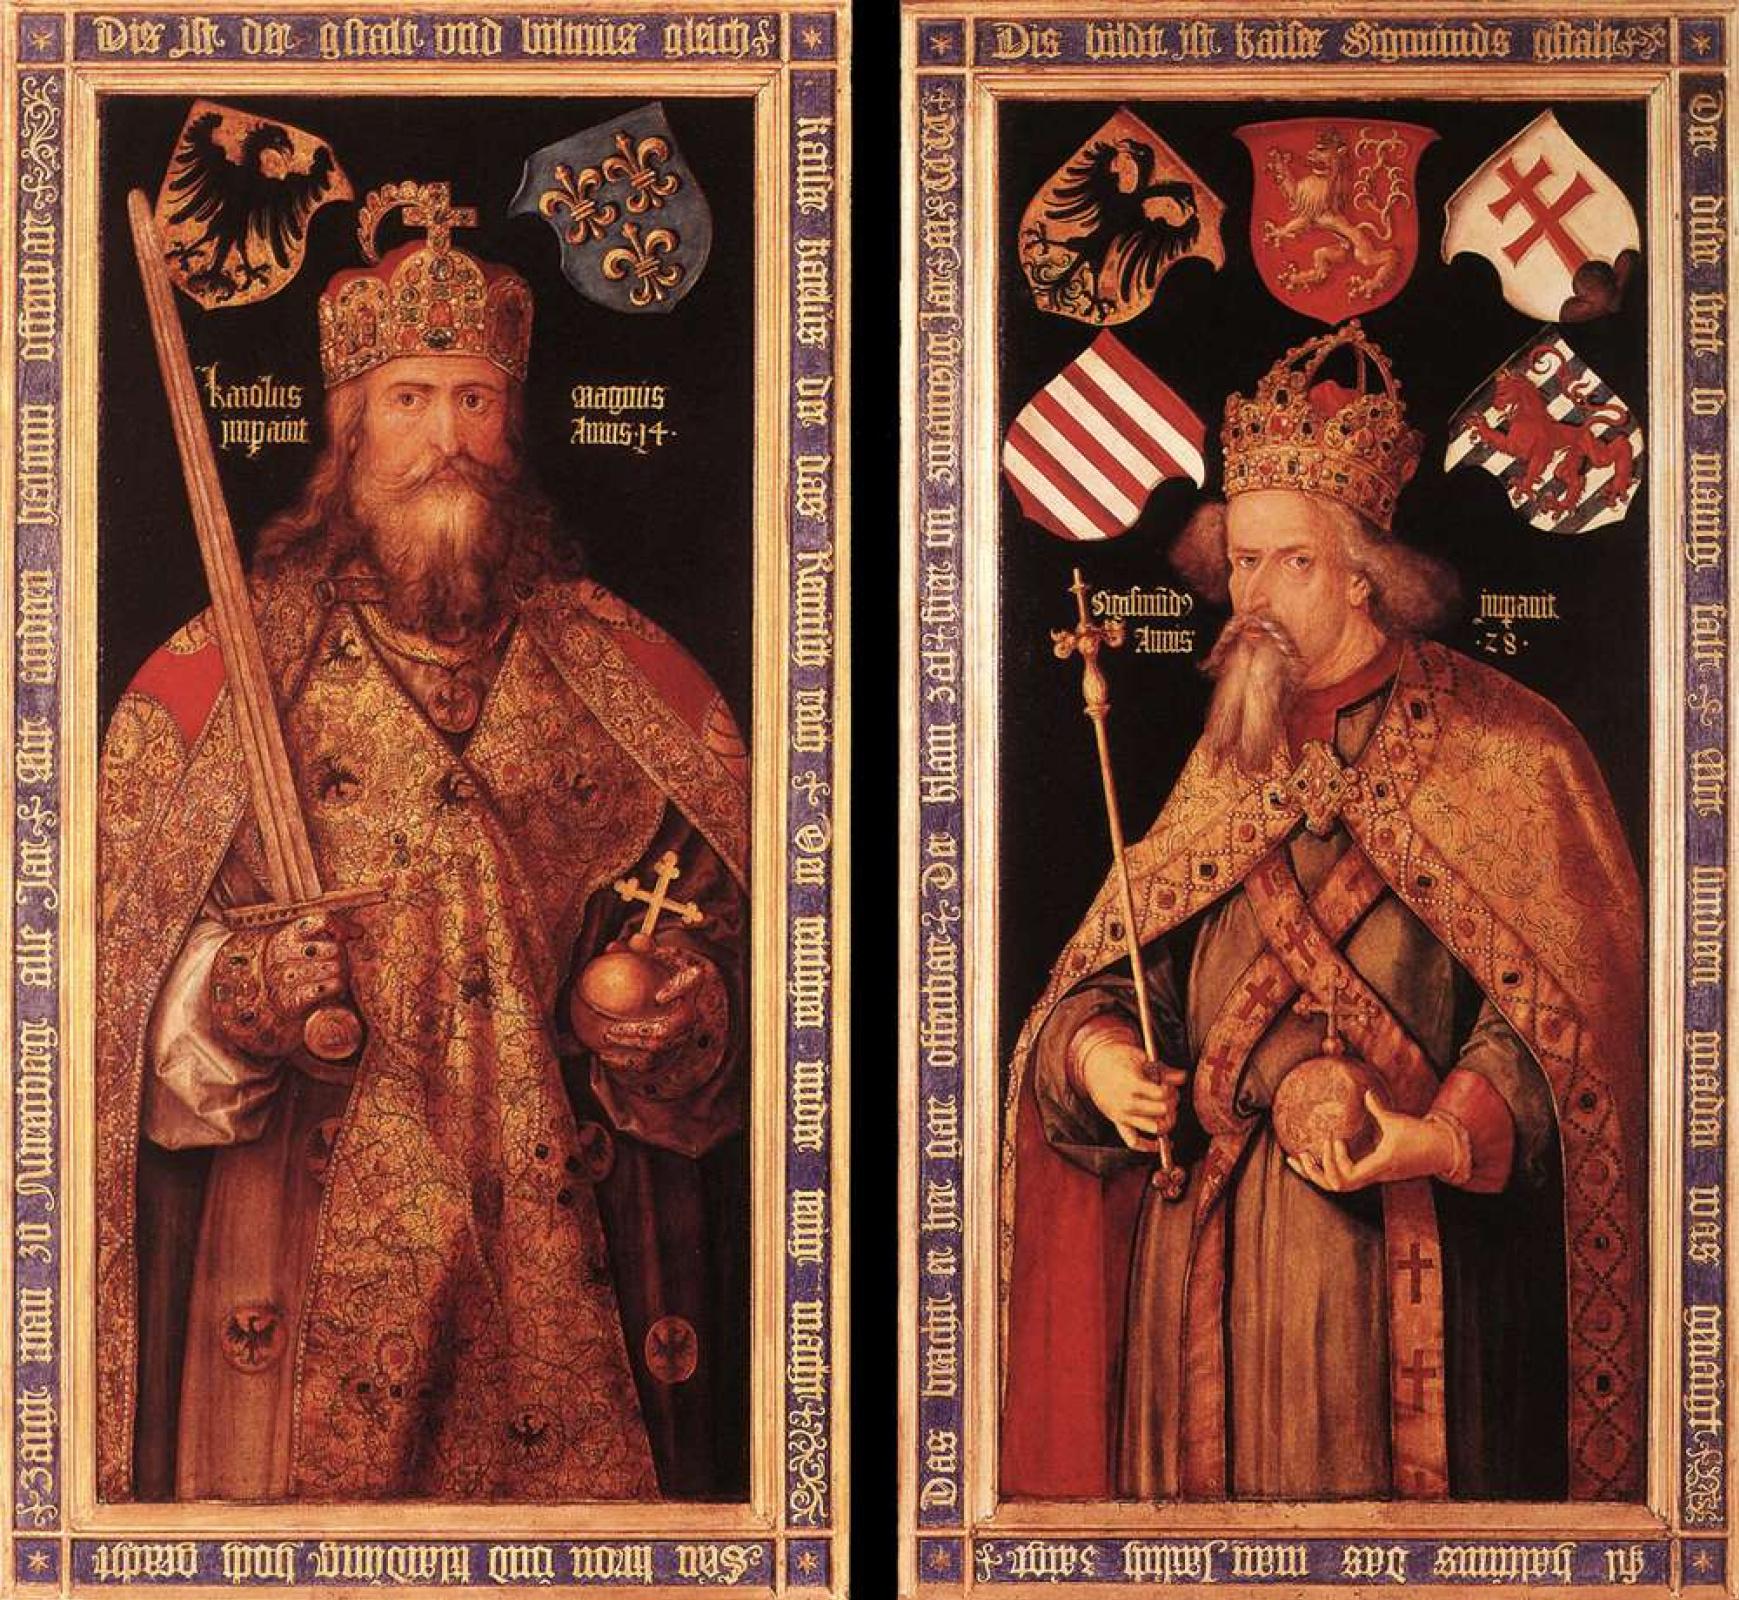 Альбрехт Дюрер. Император Карл Великий и император Сигизмунд